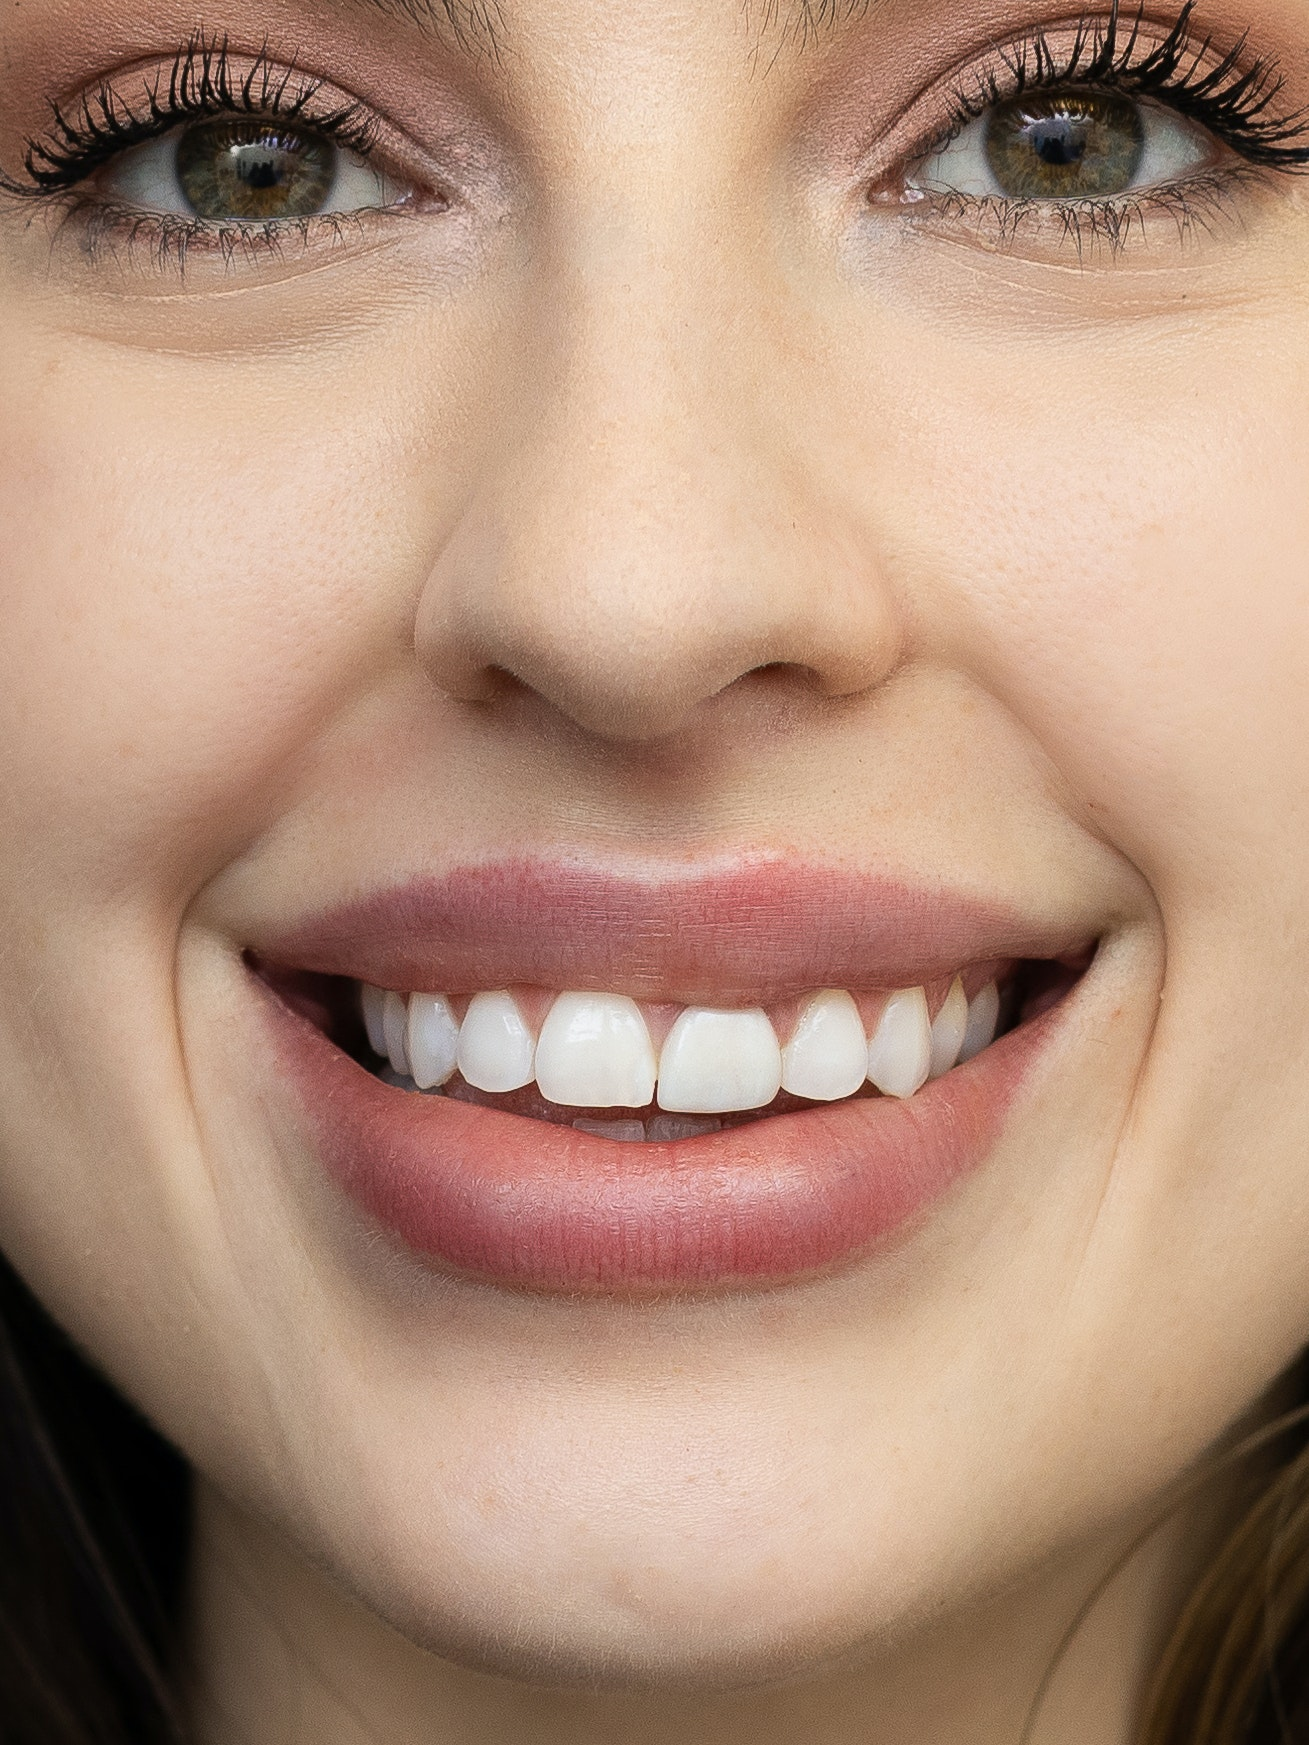 lip filler close up